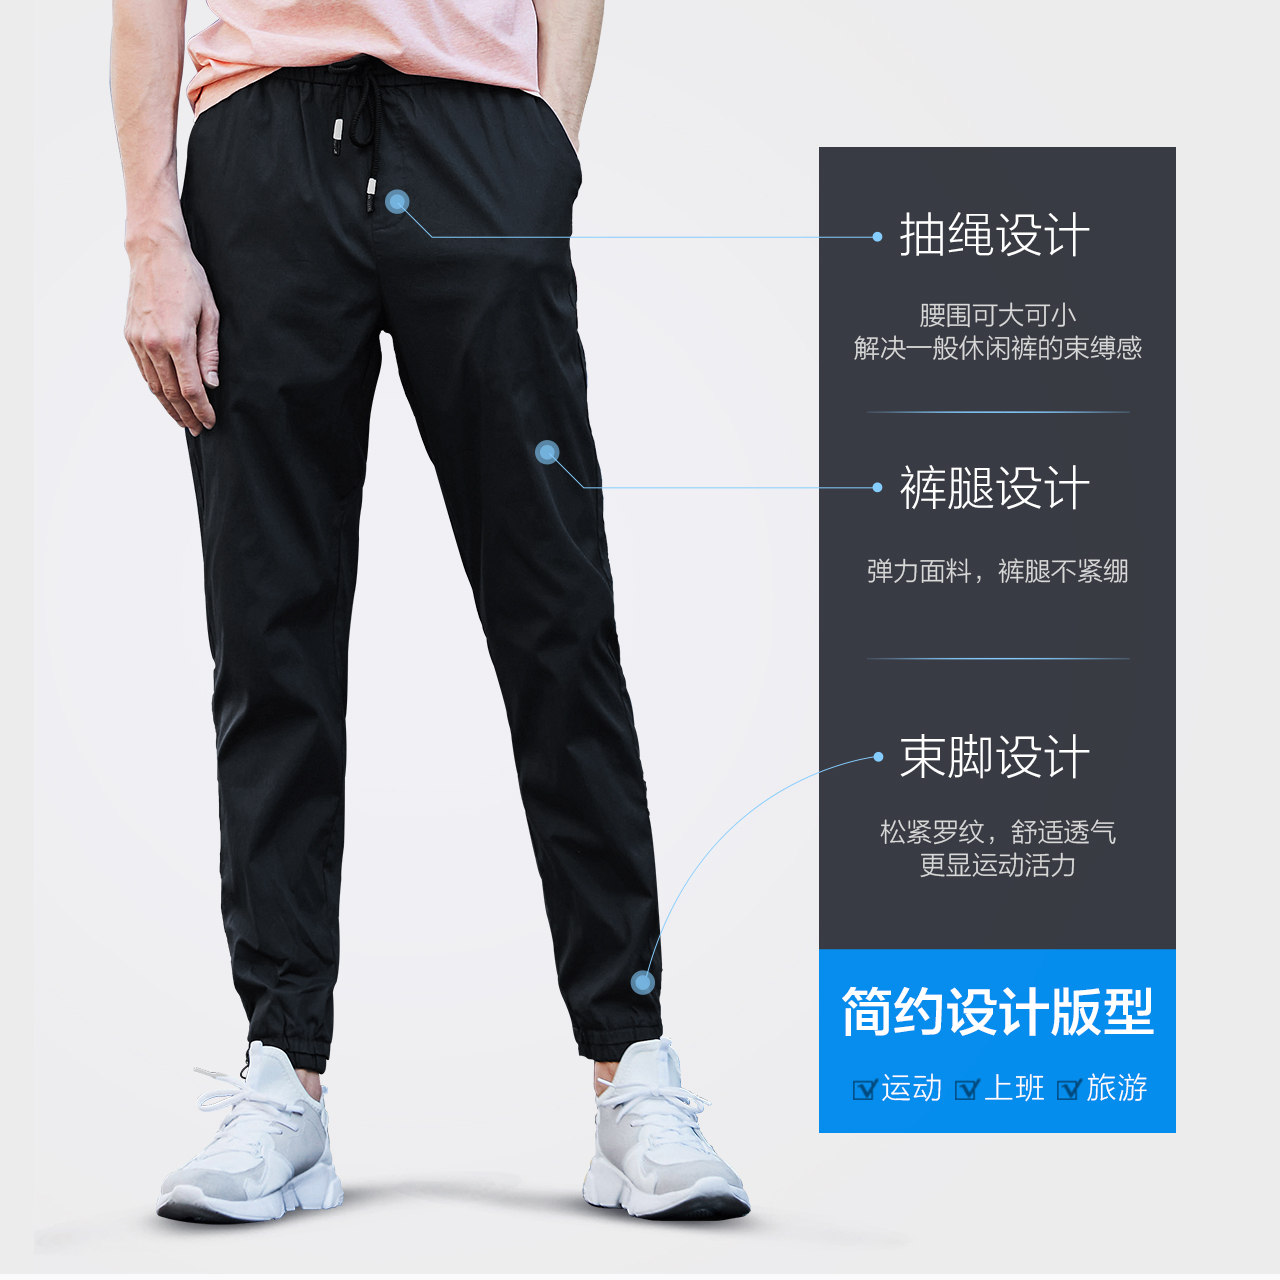 GLM男装束脚裤小脚裤休闲裤夏装裤子韩版潮流百搭速干裤长裤男裤